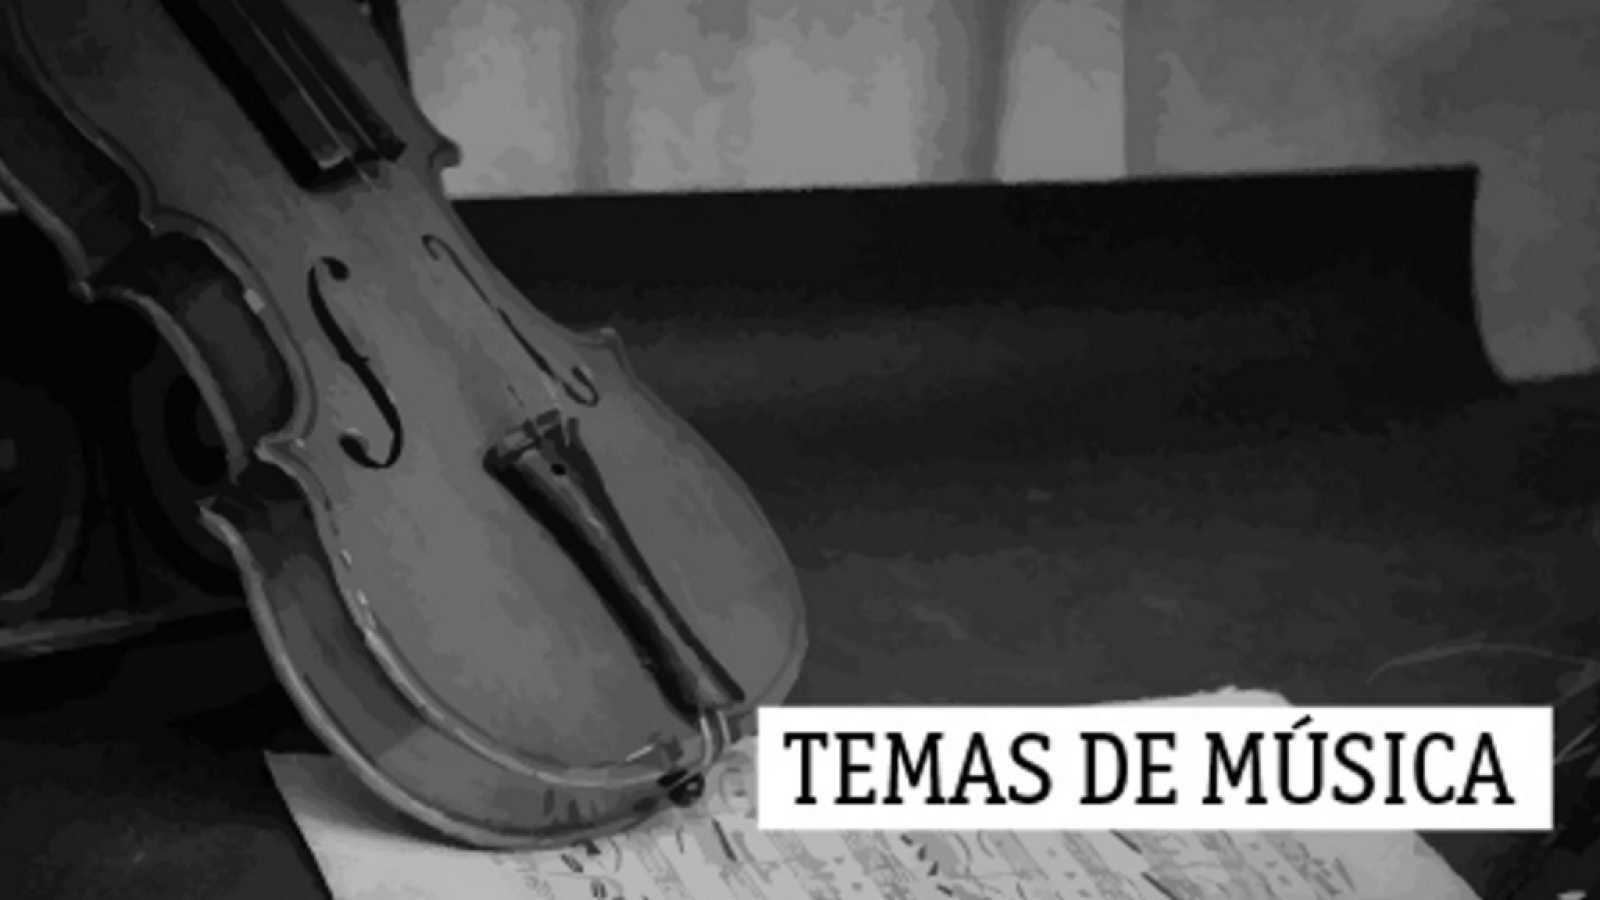 """Temas de música - Diálogo a 4: Cuartetos de cuerda de Beethoven (III). """"Las Arpas"""" y """"Serioso"""" - 11/07/20 - escuchar ahora"""